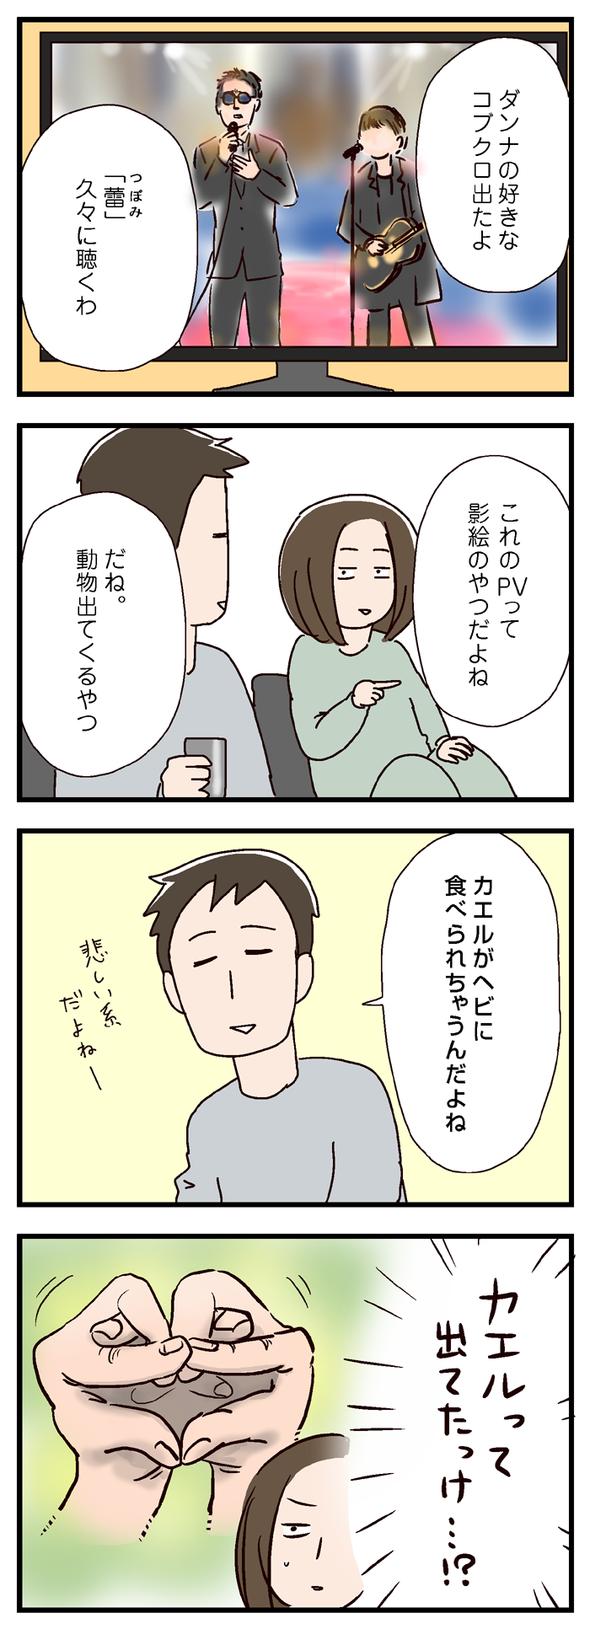 icchomae680